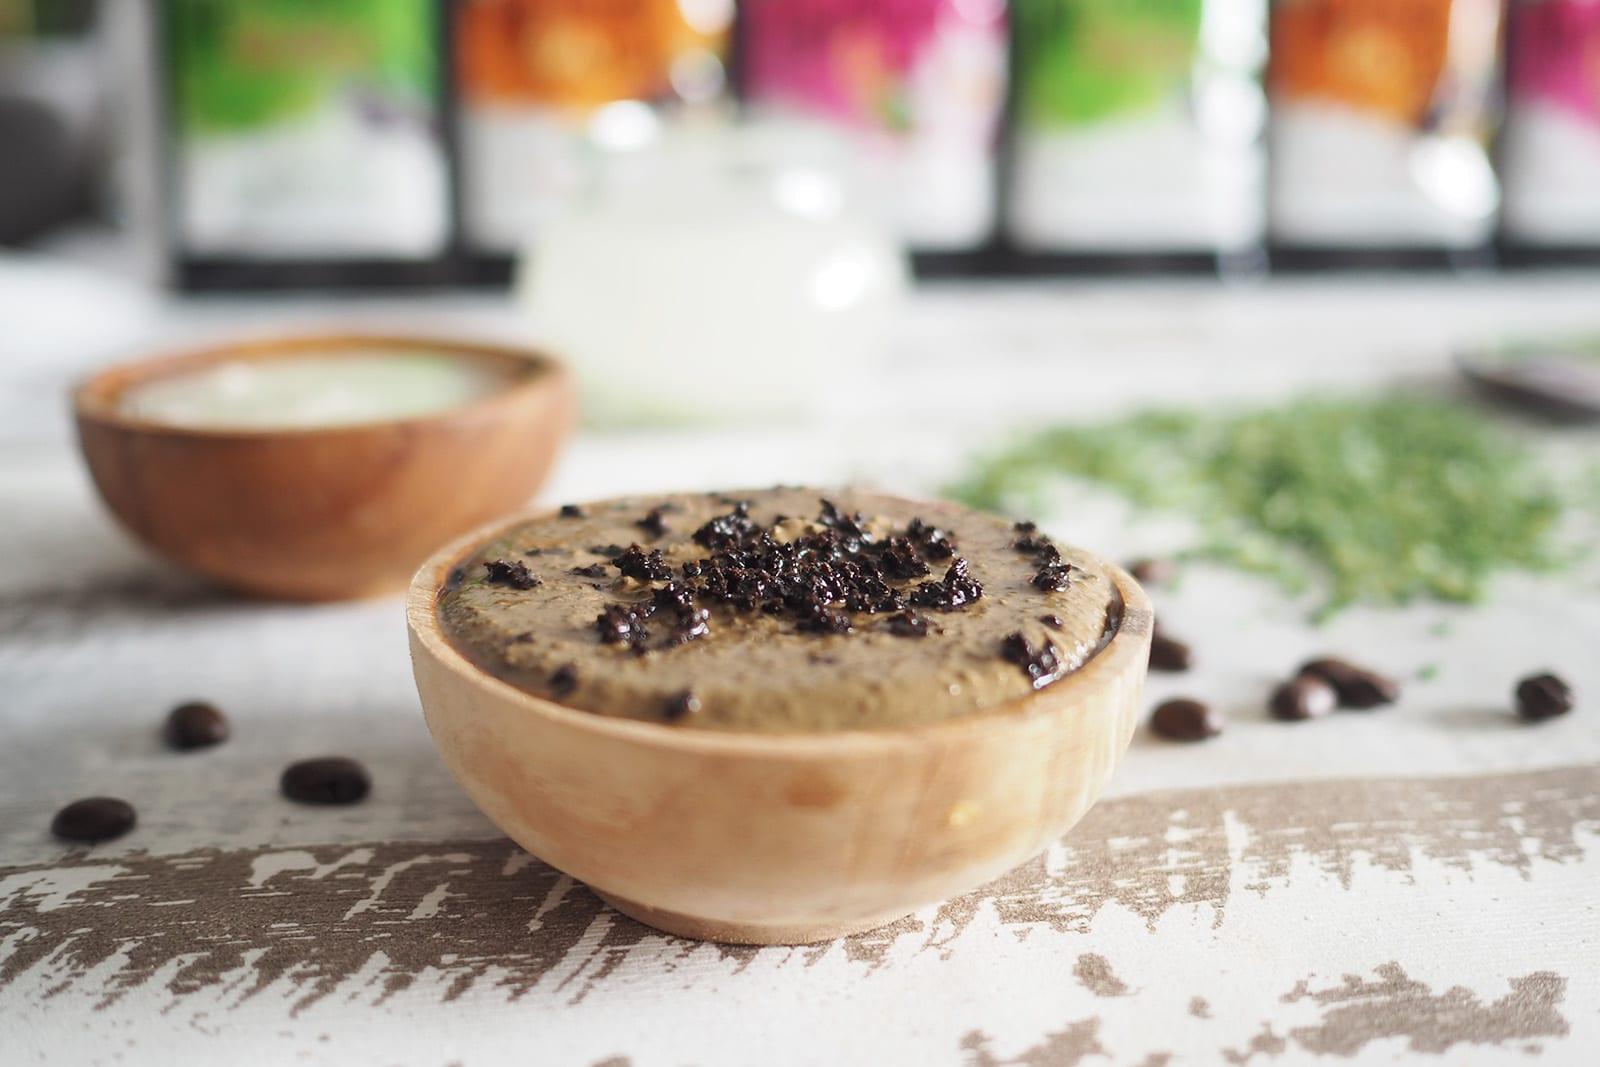 Wellness im Badezimmer mit einer selbstgemachten Kaffee-Maske, fermentiertem Reiswasser und den neuen Badekristallen von Kneipp